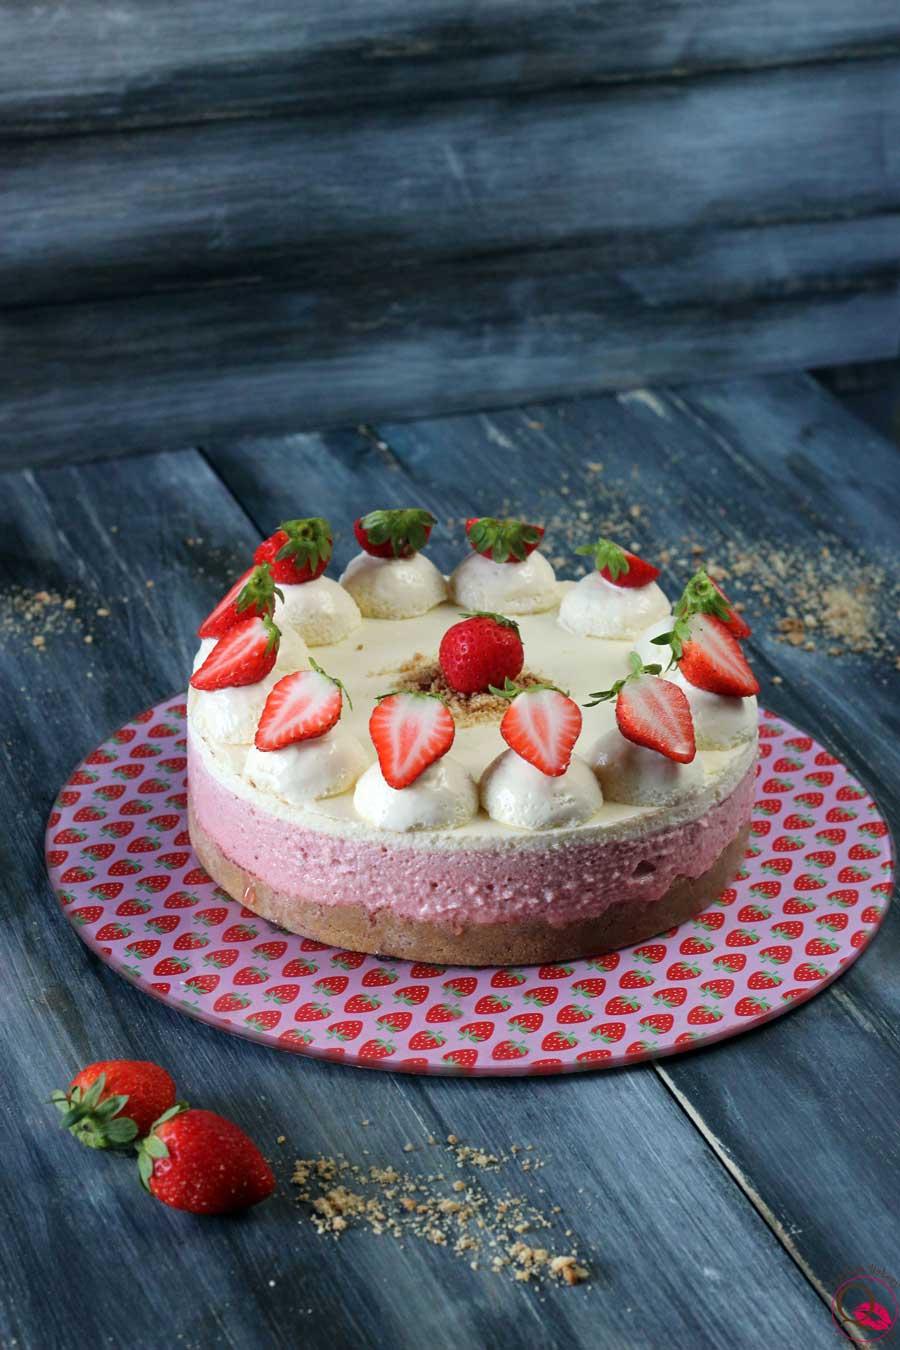 Torta mousse al cioccolato bianco e fragole LONTANO